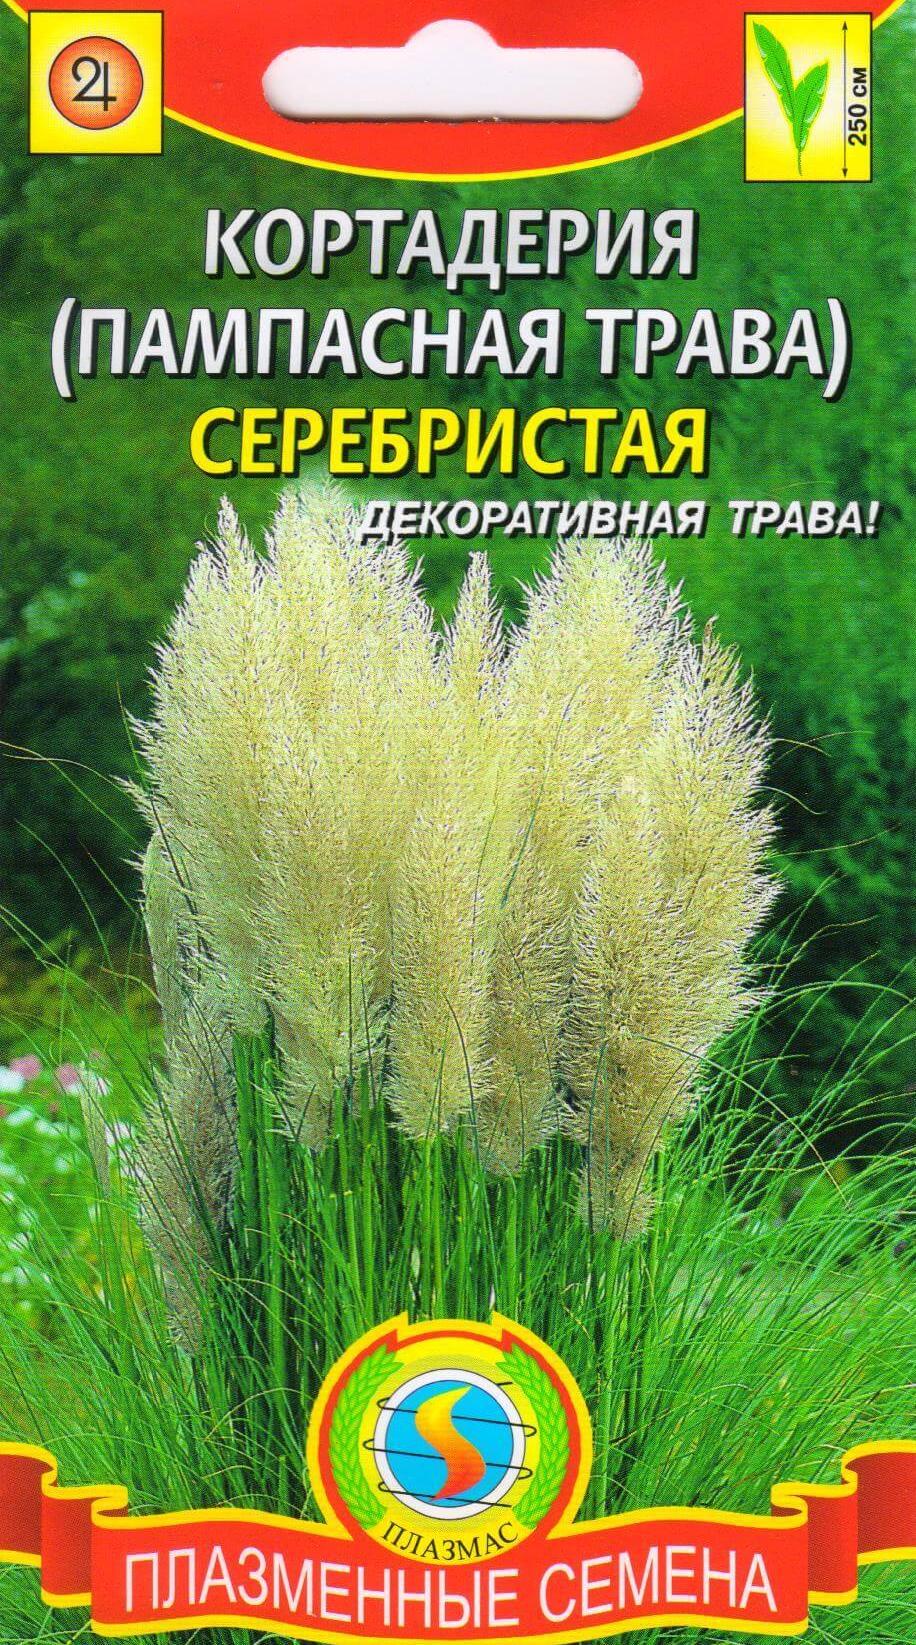 Как сажать семена пампасной травы 71